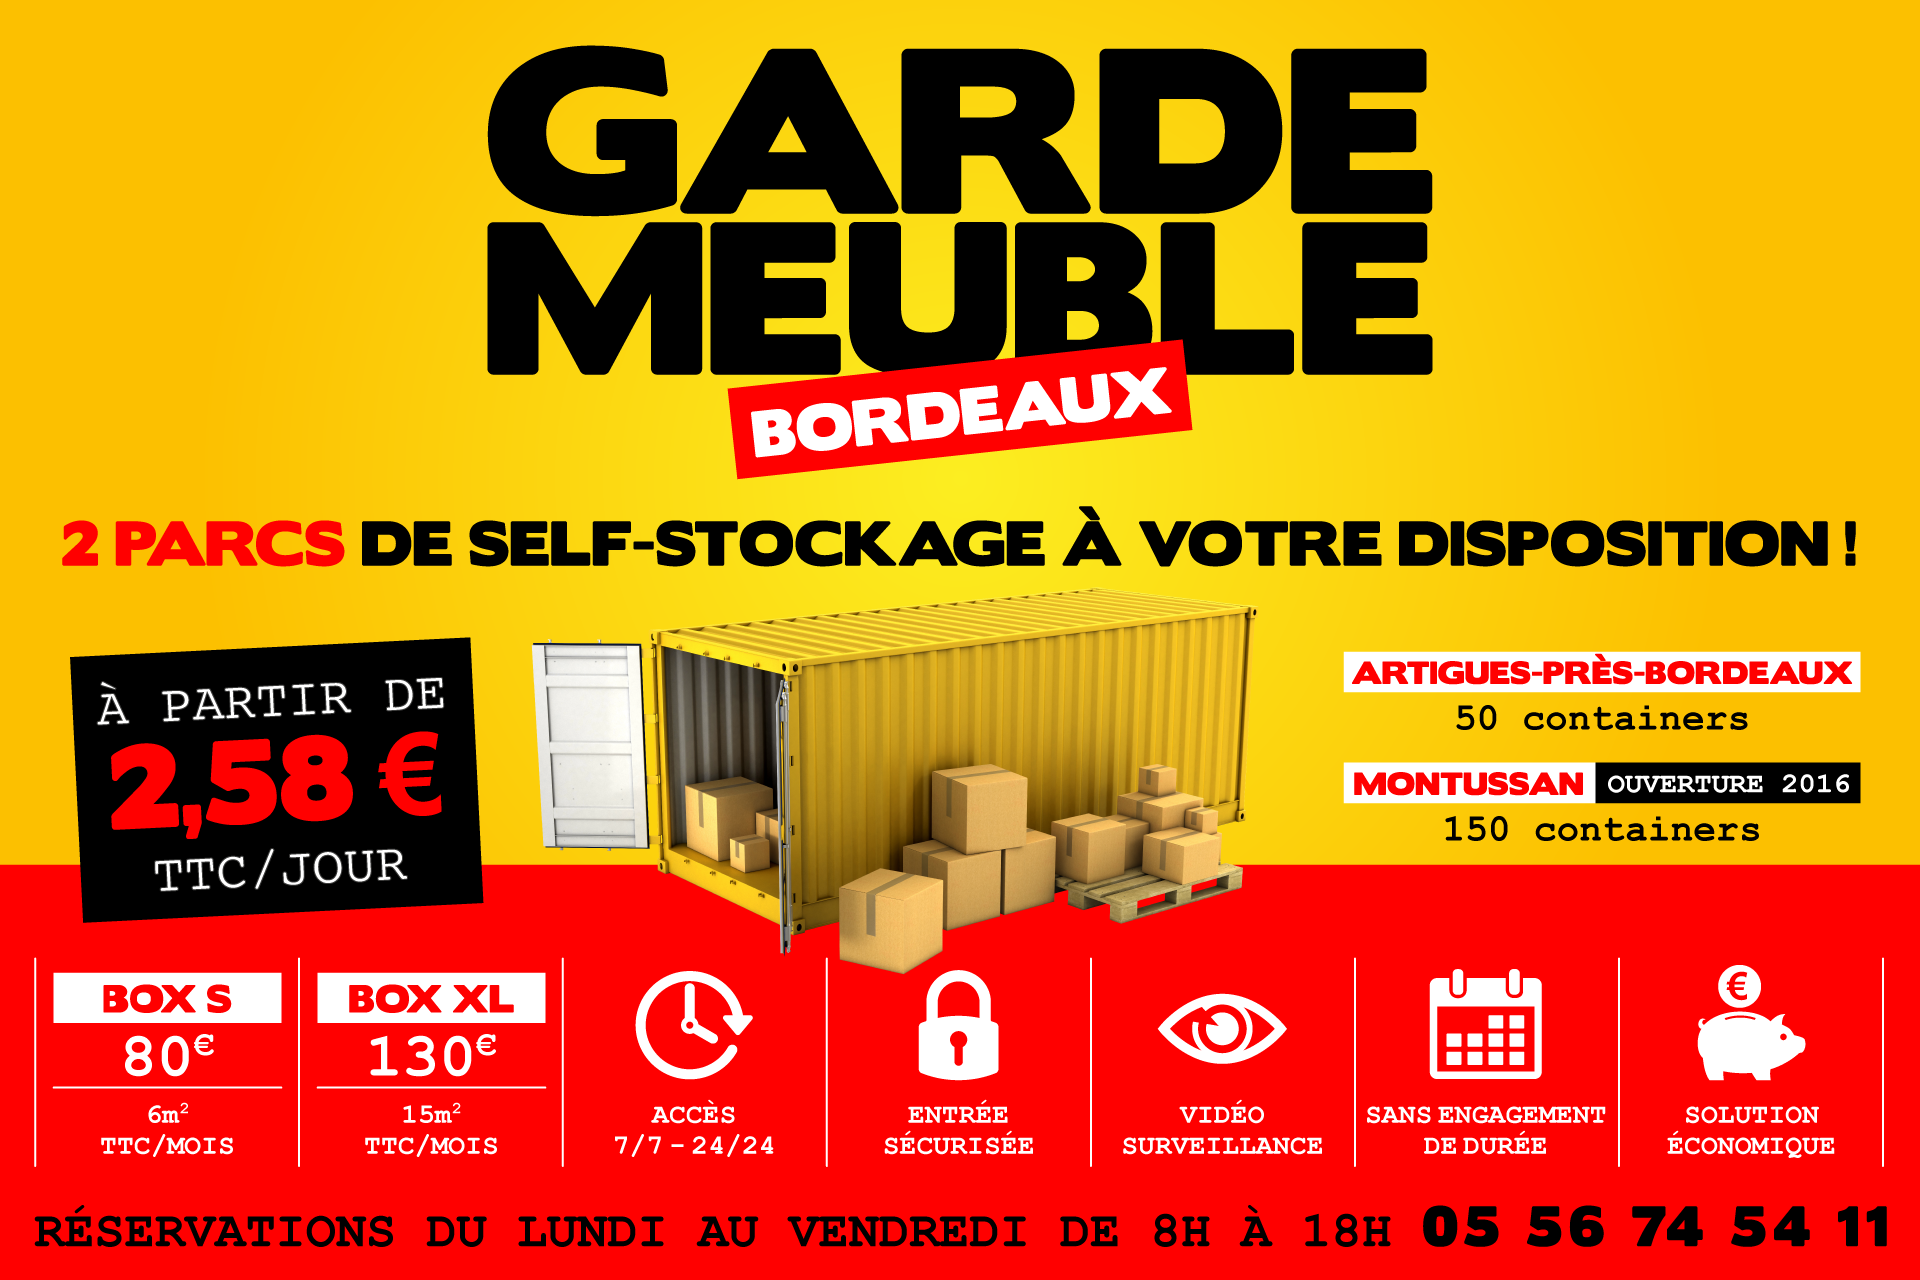 Garde meuble bordeaux box de stockage louer - Location meuble au mois bordeaux ...